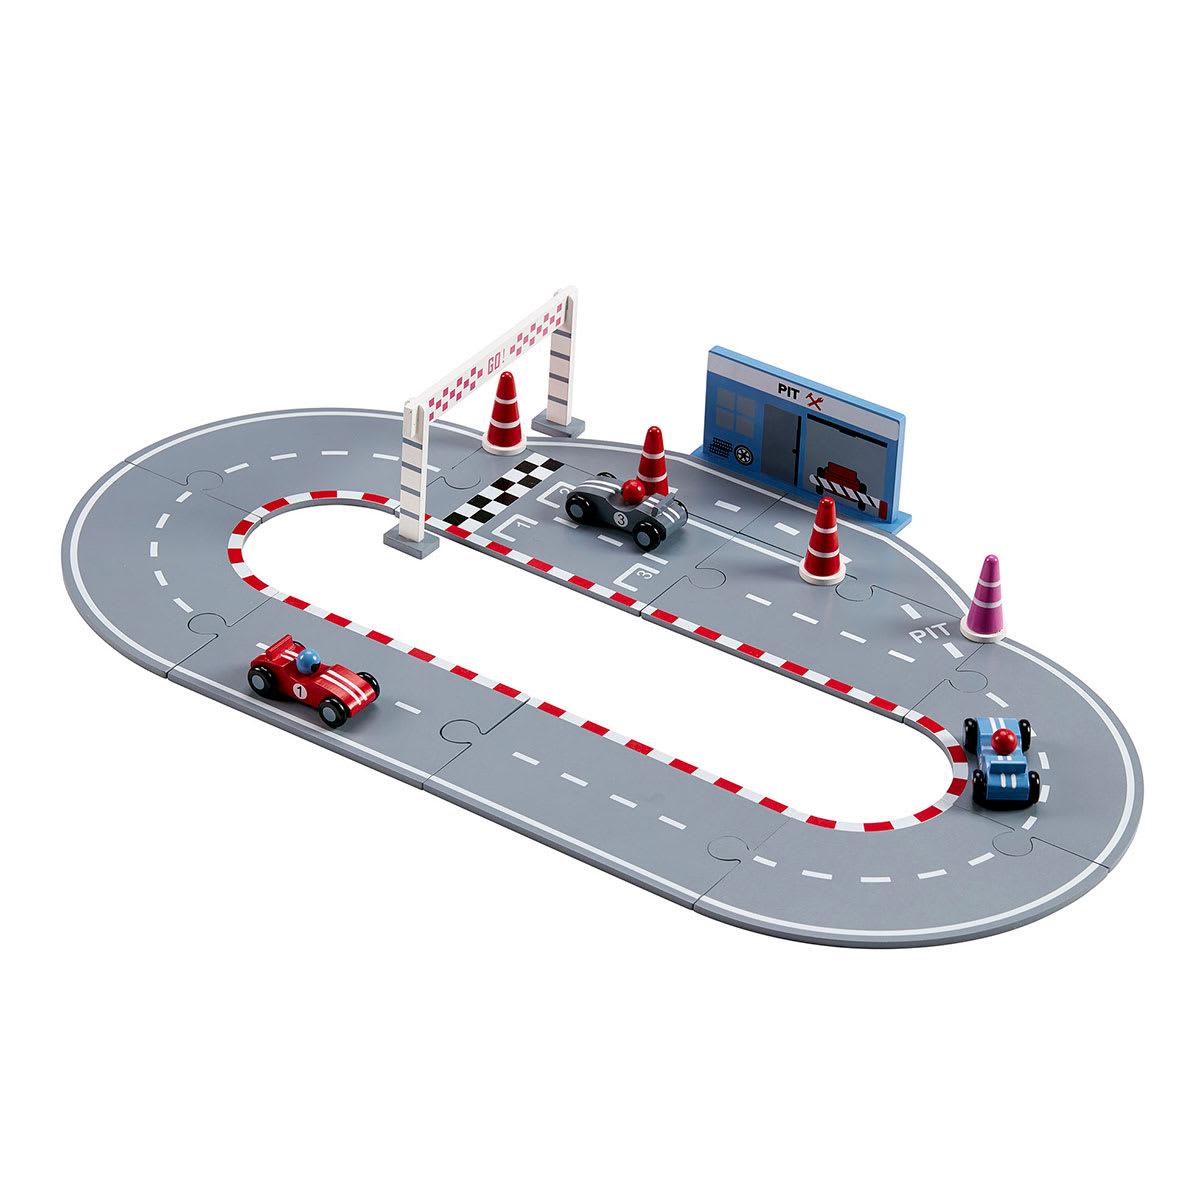 Inkl. 3 racerbiler, 4 kegler, målstreg med startfelt og pitstop